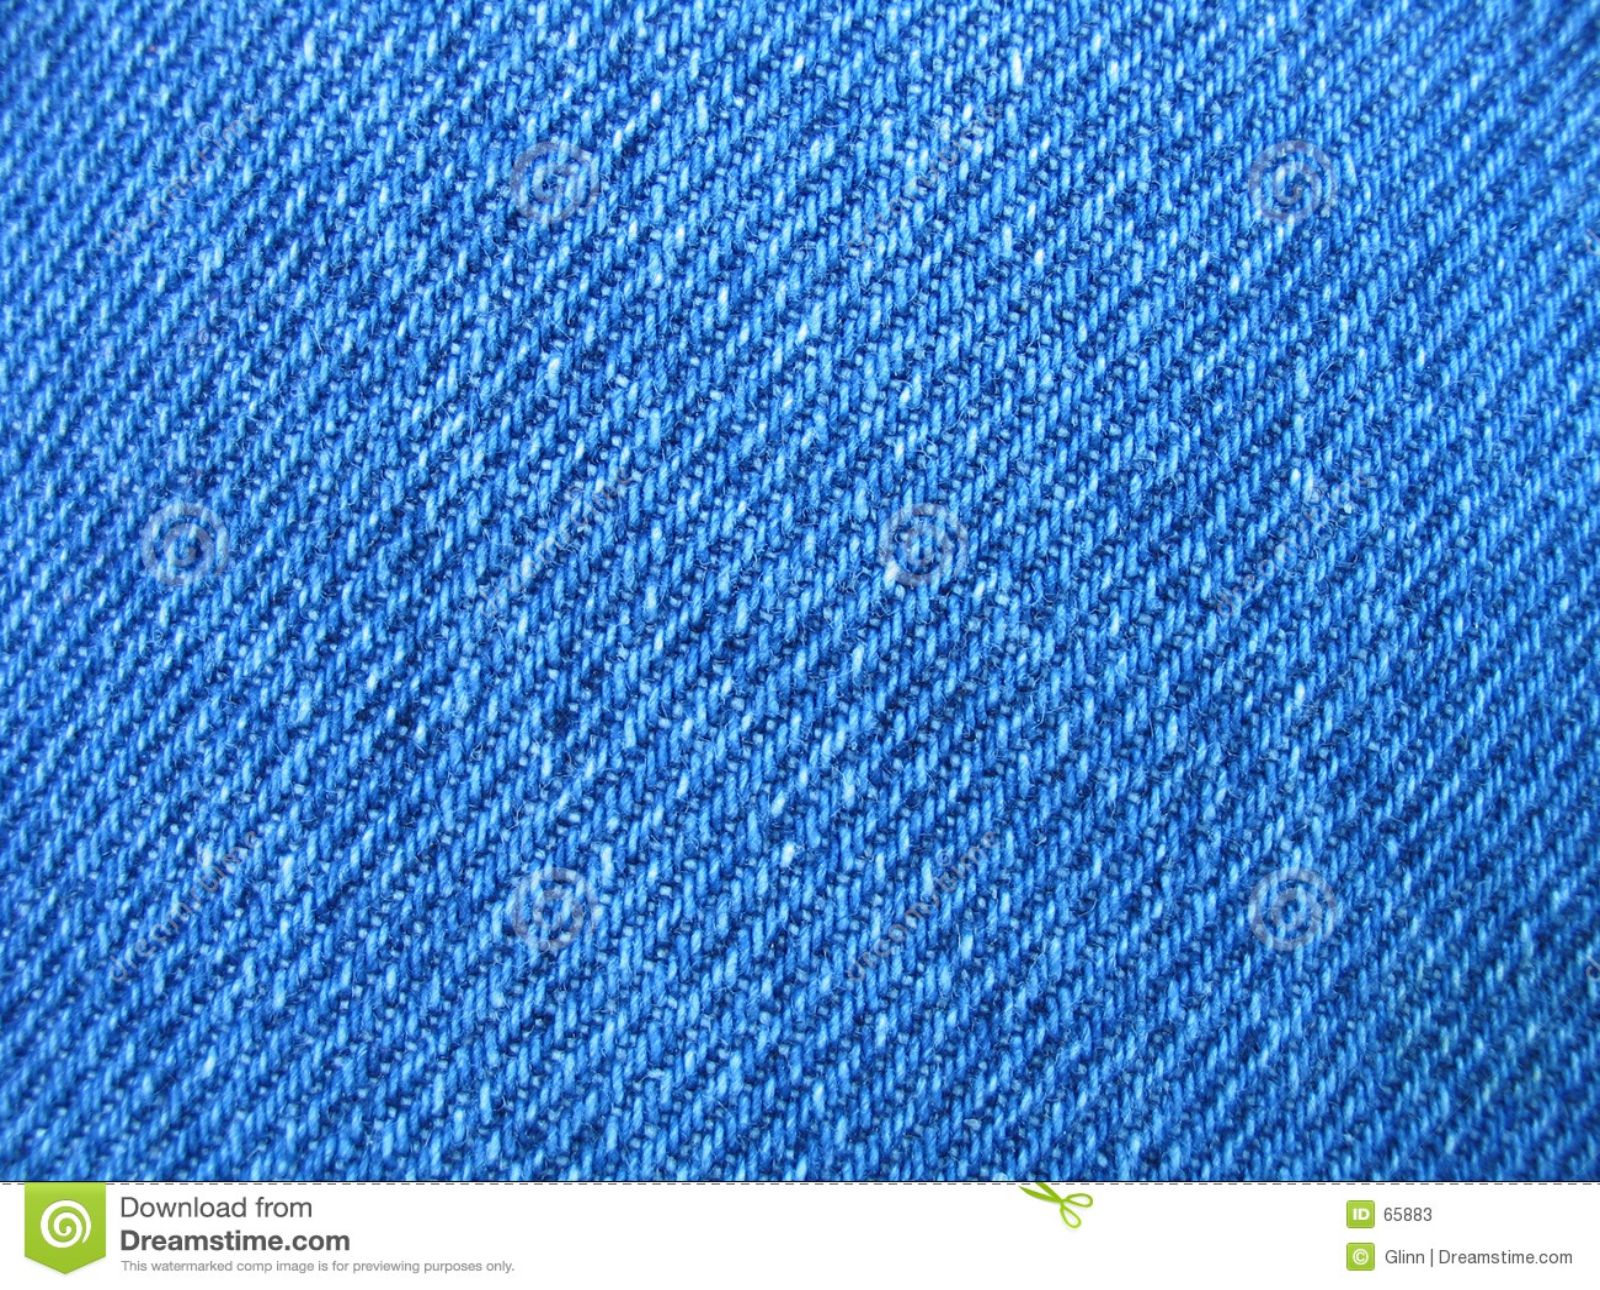 Bit of blue jean